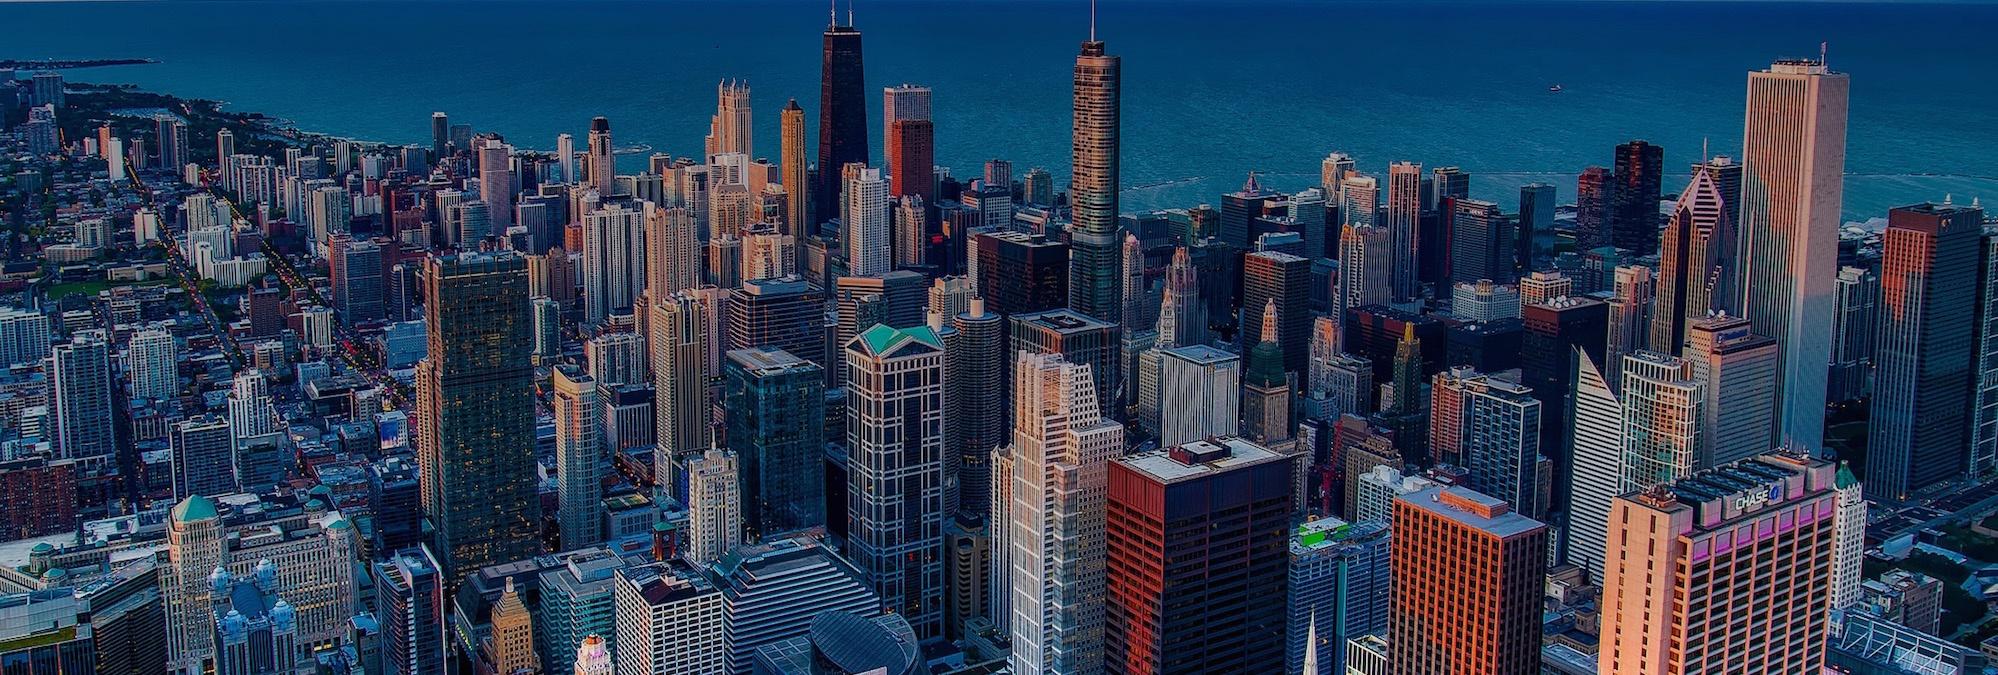 chicago-communications-catalog-banner.jpg